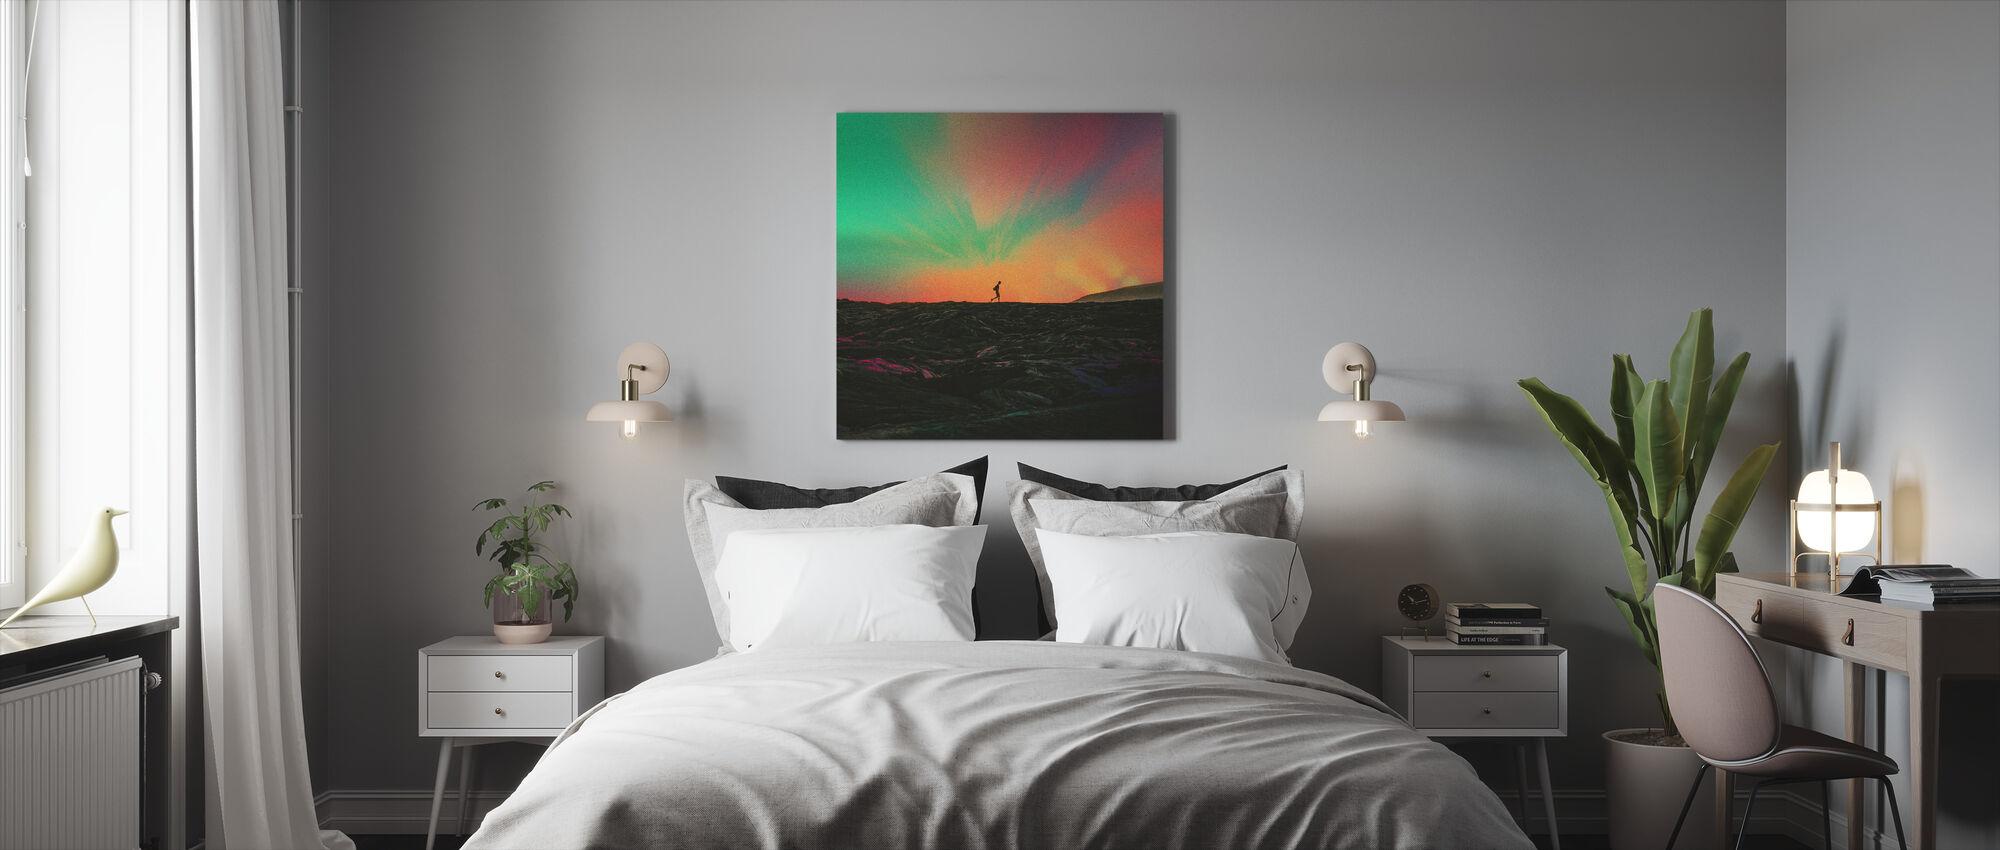 Wanderer - Canvas print - Bedroom